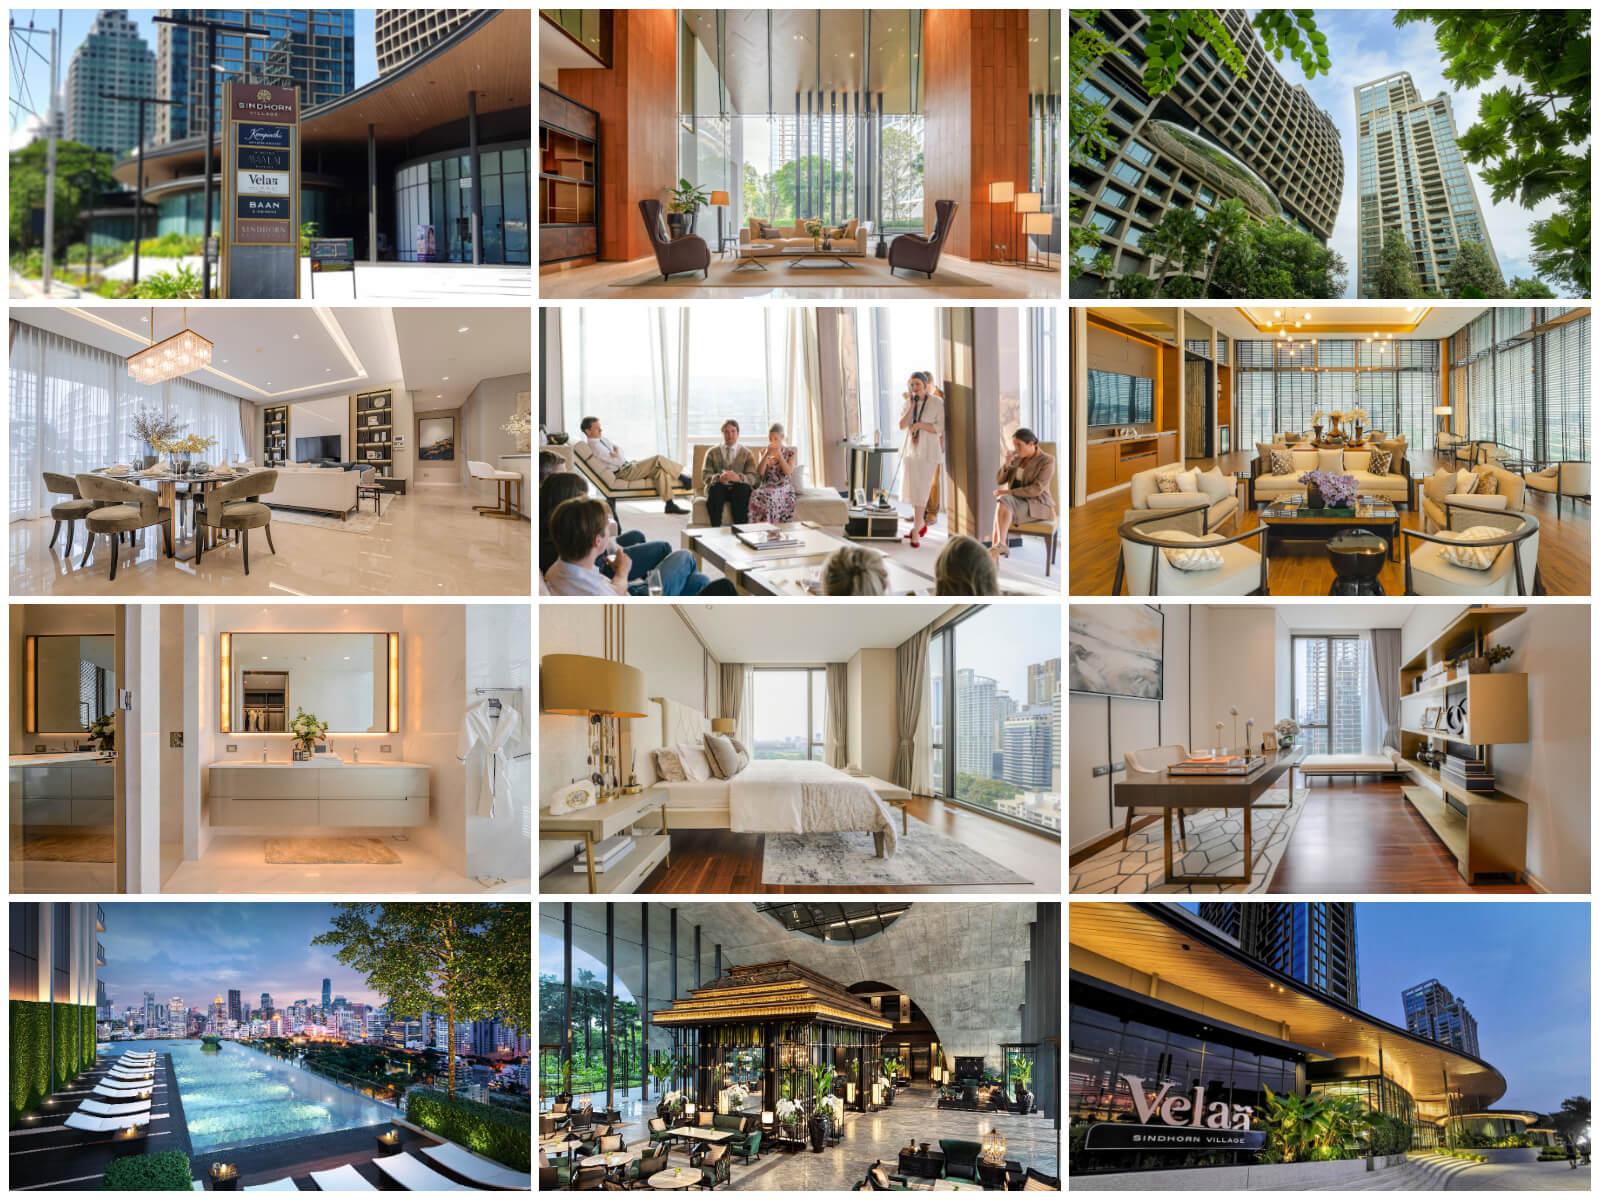 タイ_バンコク_チットロム・プルンチット_ランスワン通り_高級サービスアパートメント_ ザ・レジデンス・シンドーン・ケンピスキーホテル(The Residences at Sindhorn Kempinski Hotel Bangkok)_タイランド ピッックス